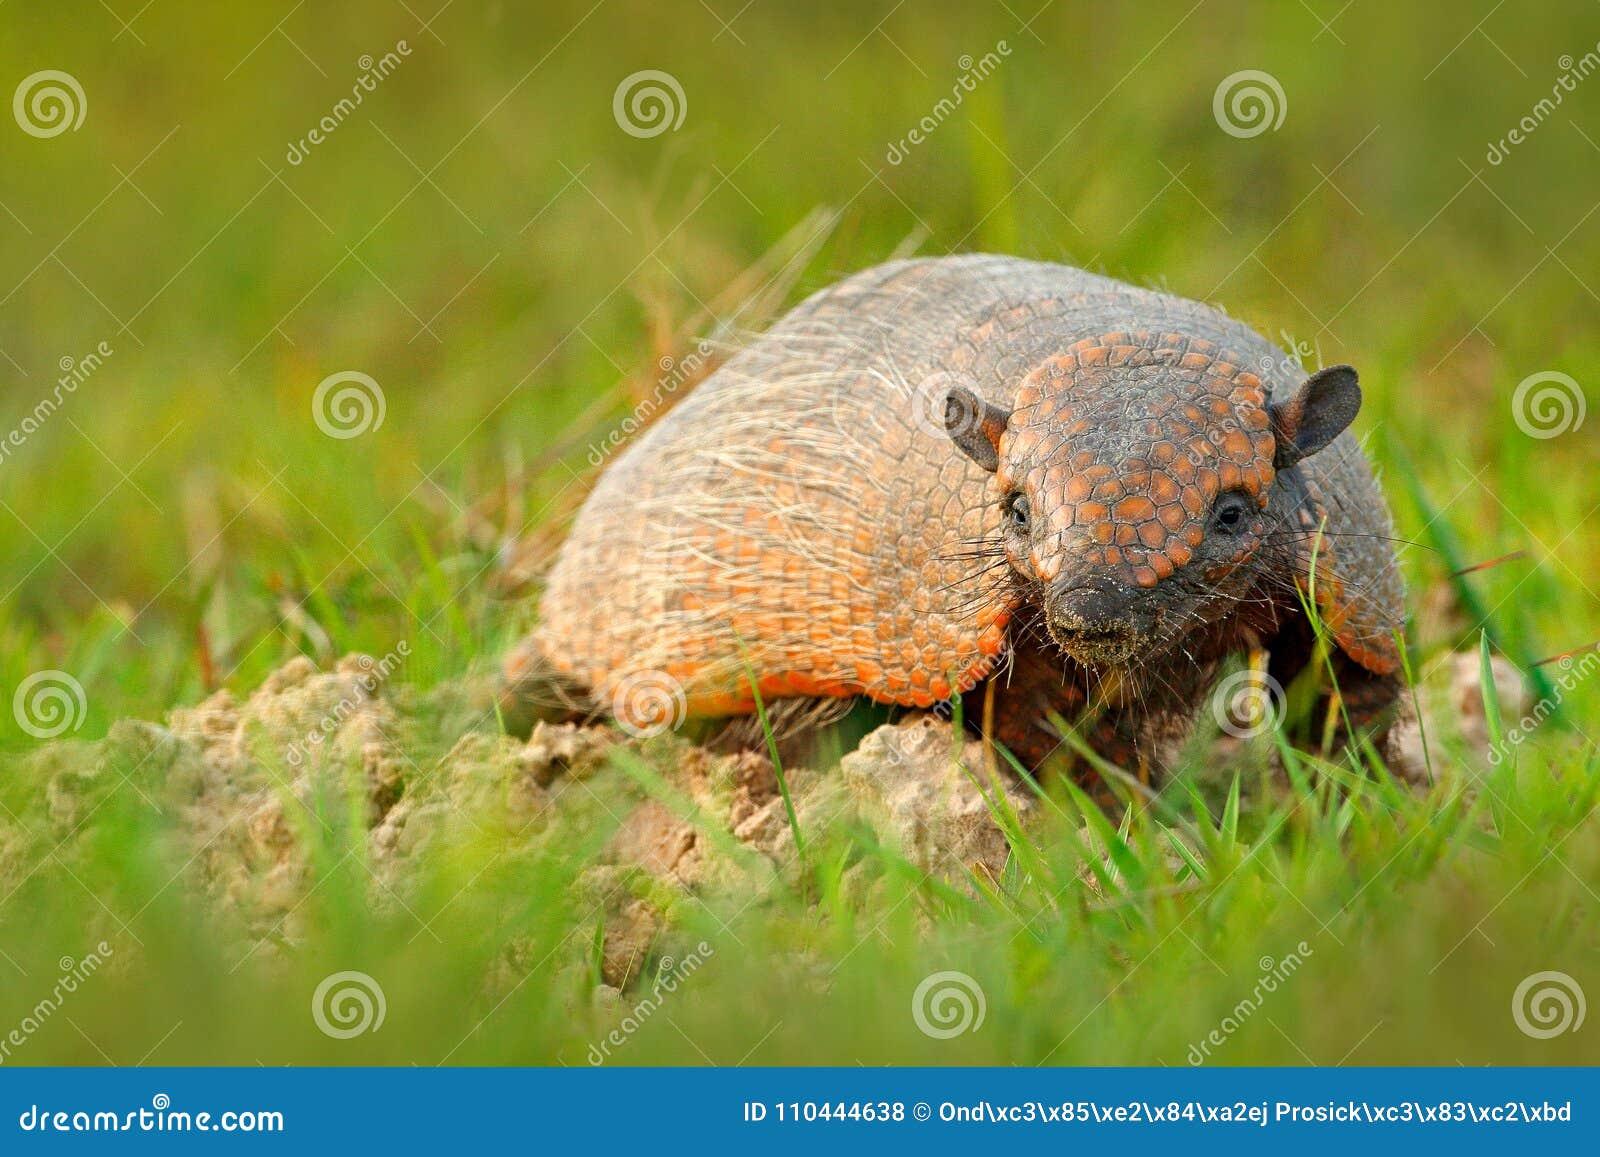 六被结合的犰狳,黄色犰狳, Euphractus sexcinctus,潘塔纳尔湿地,巴西 从自然的野生生物场面 胳膊滑稽的画象